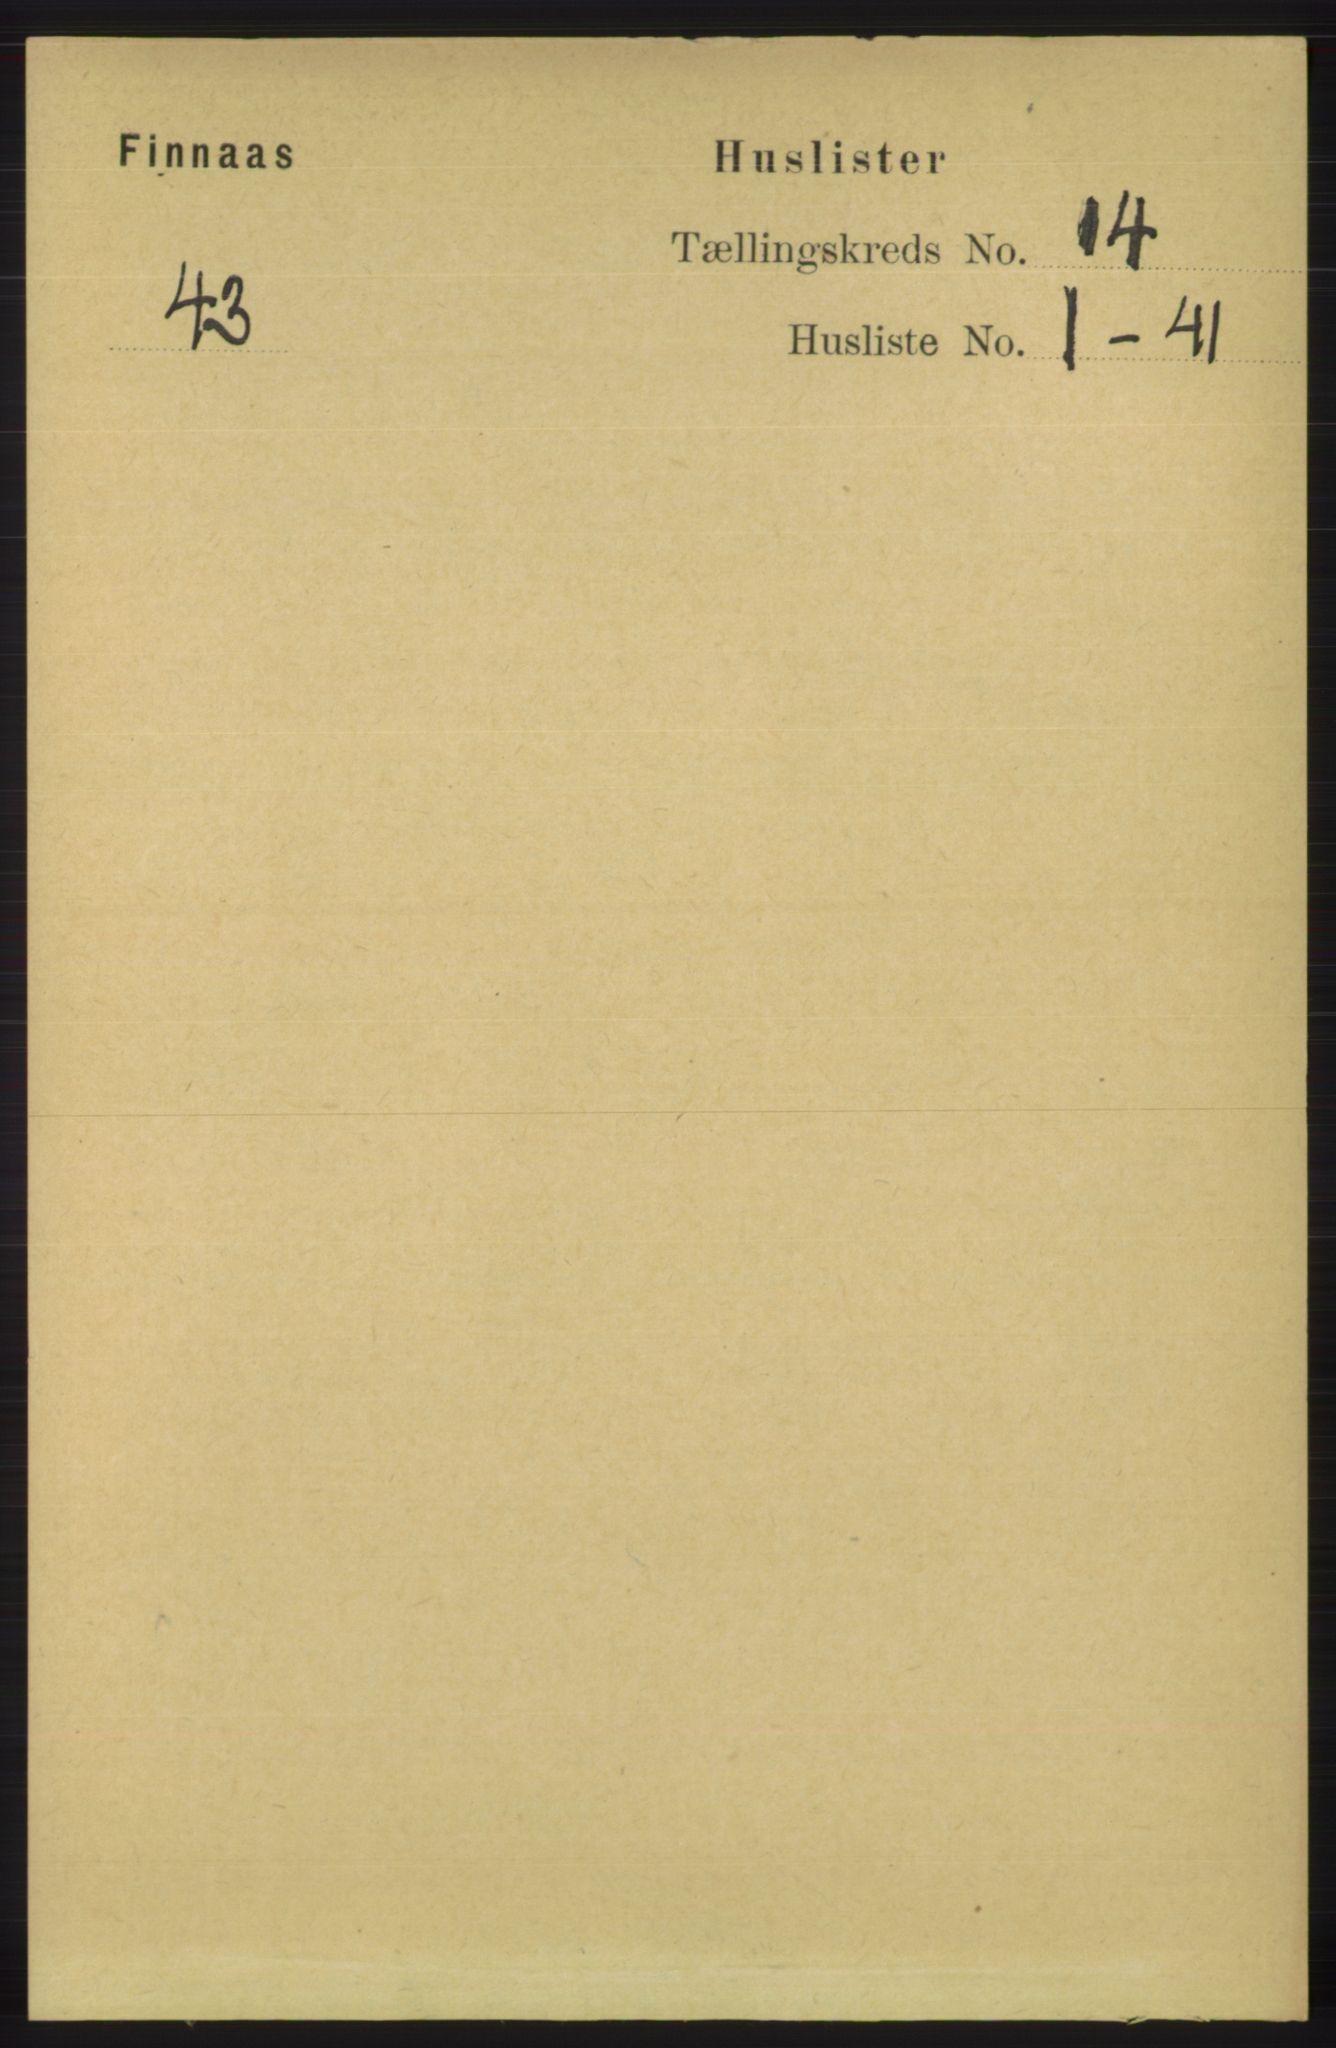 RA, Folketelling 1891 for 1218 Finnås herred, 1891, s. 5661